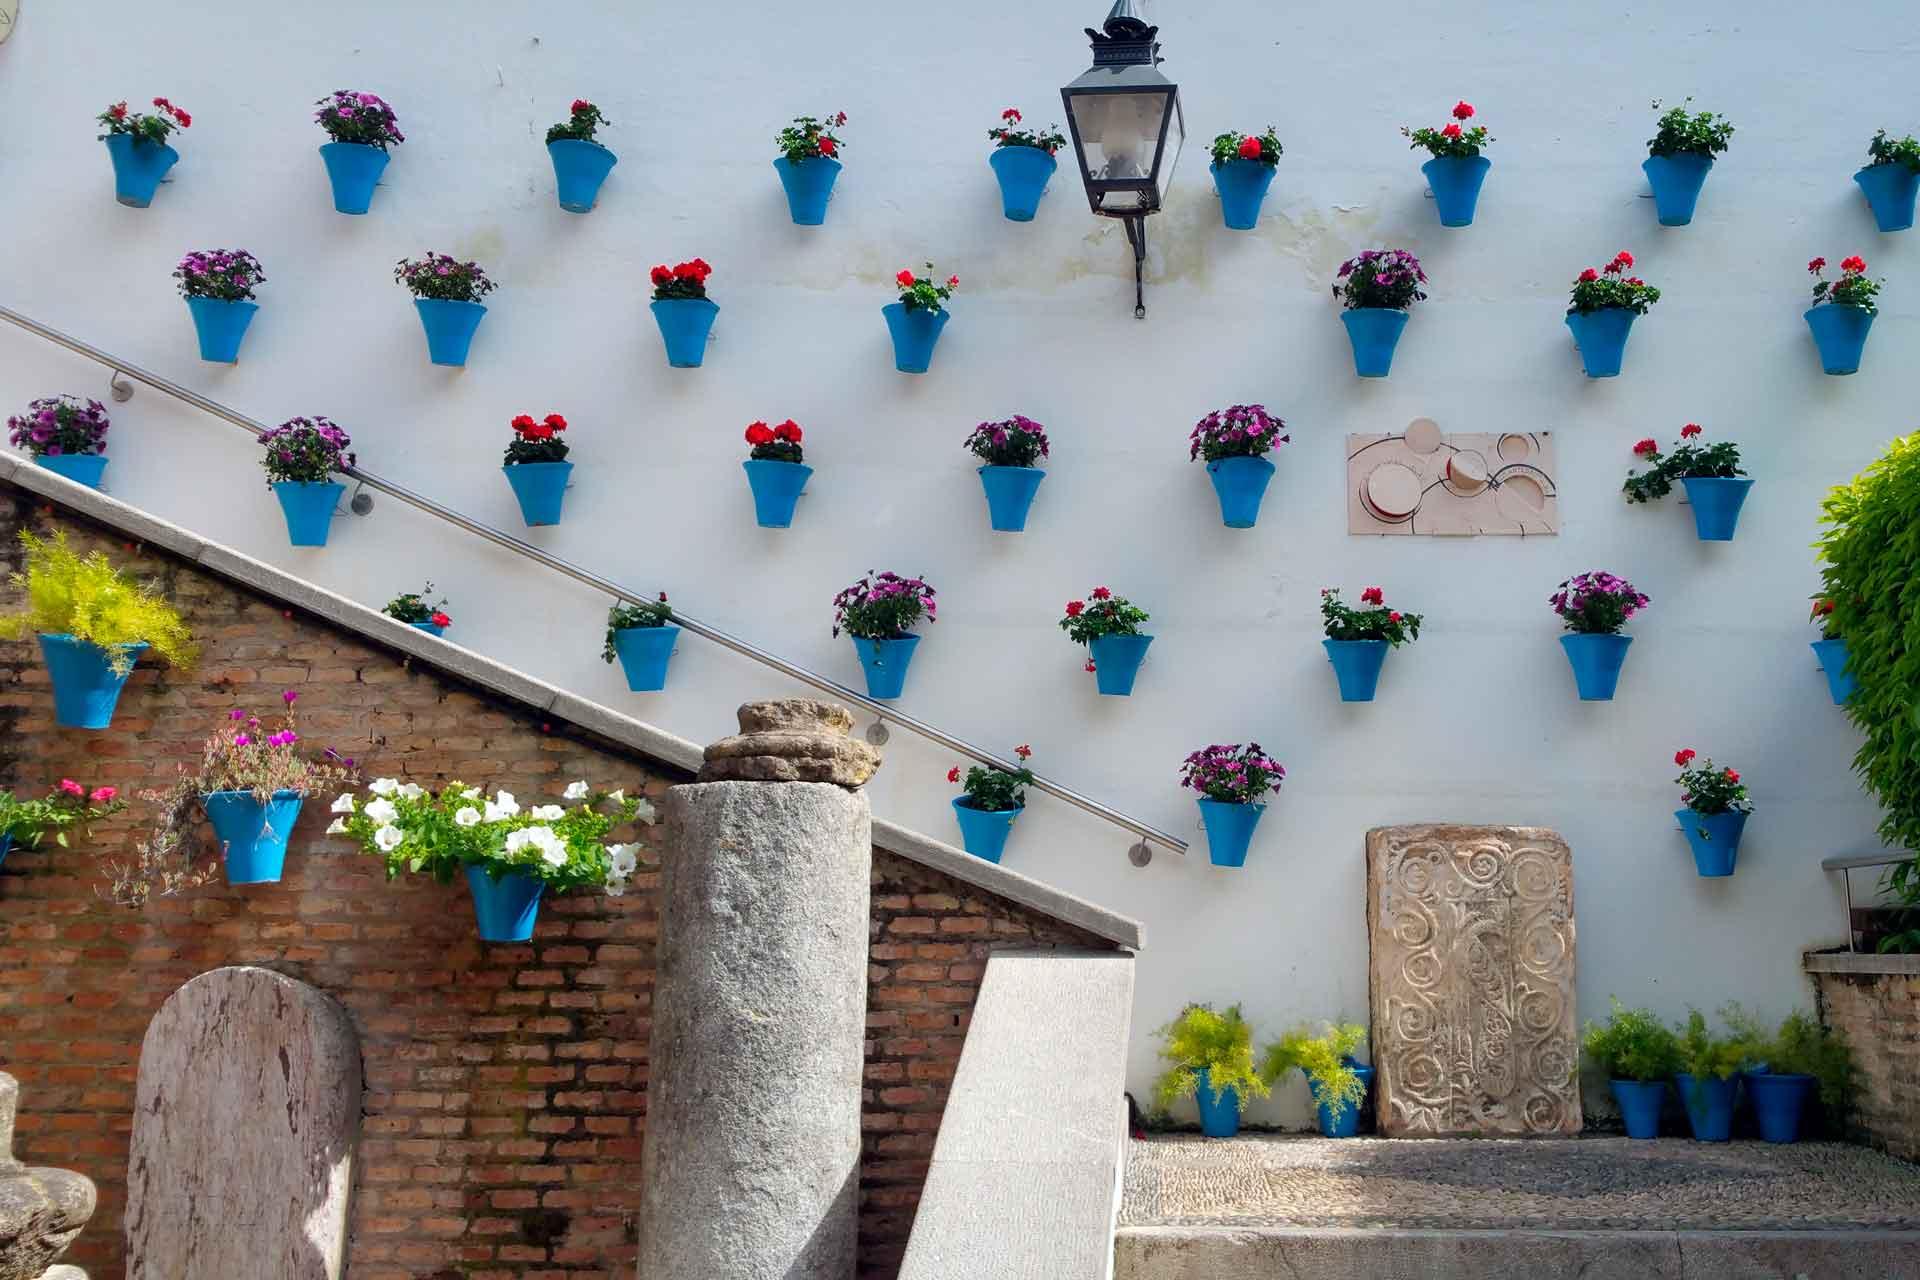 Patios de Córdoba | Courtyards of Córdoba | Patios de Cordoue